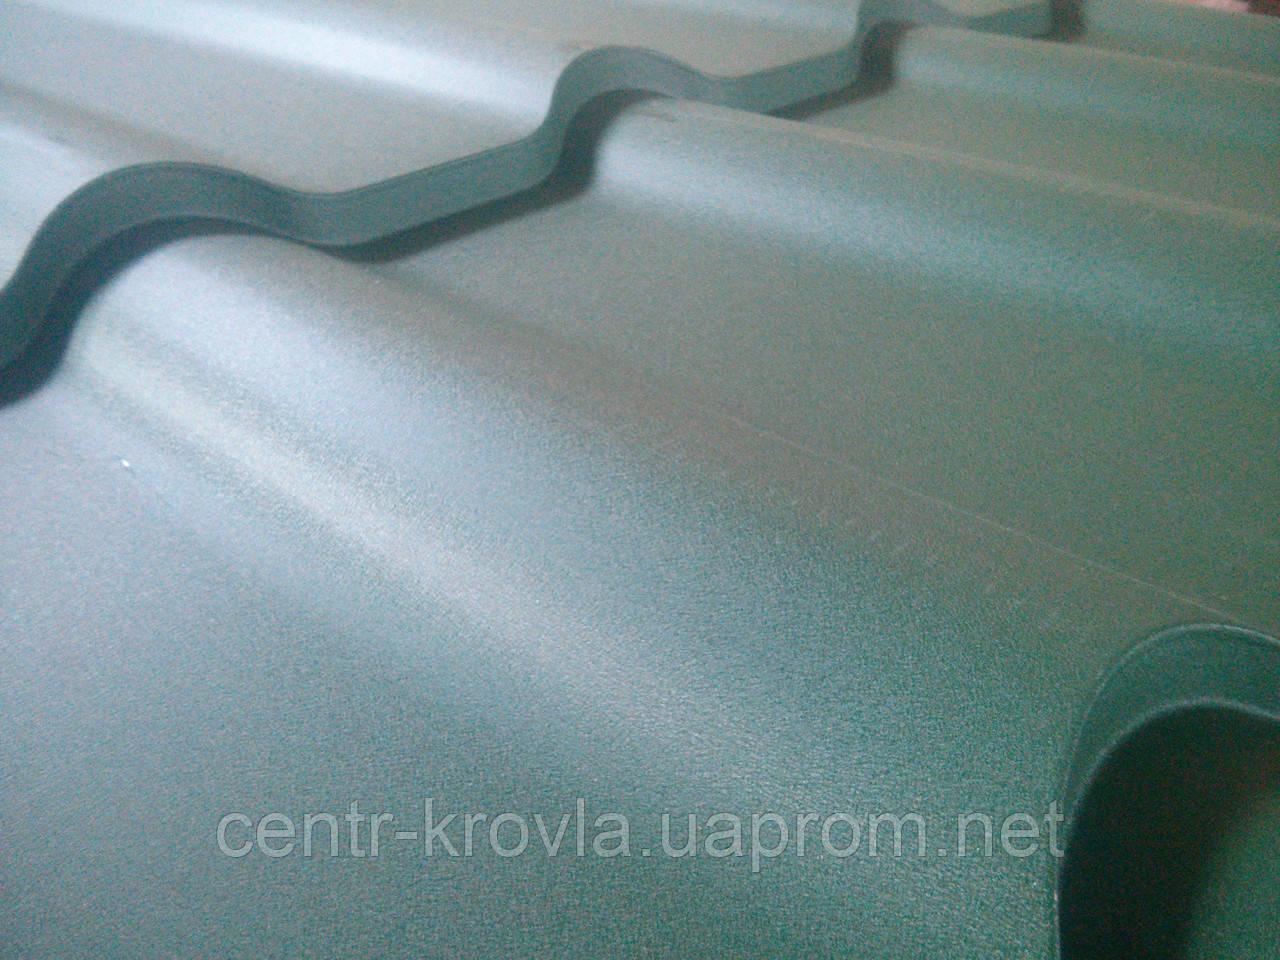 Металочерепиця Duna LUX 0.45 мм Корея МАТ